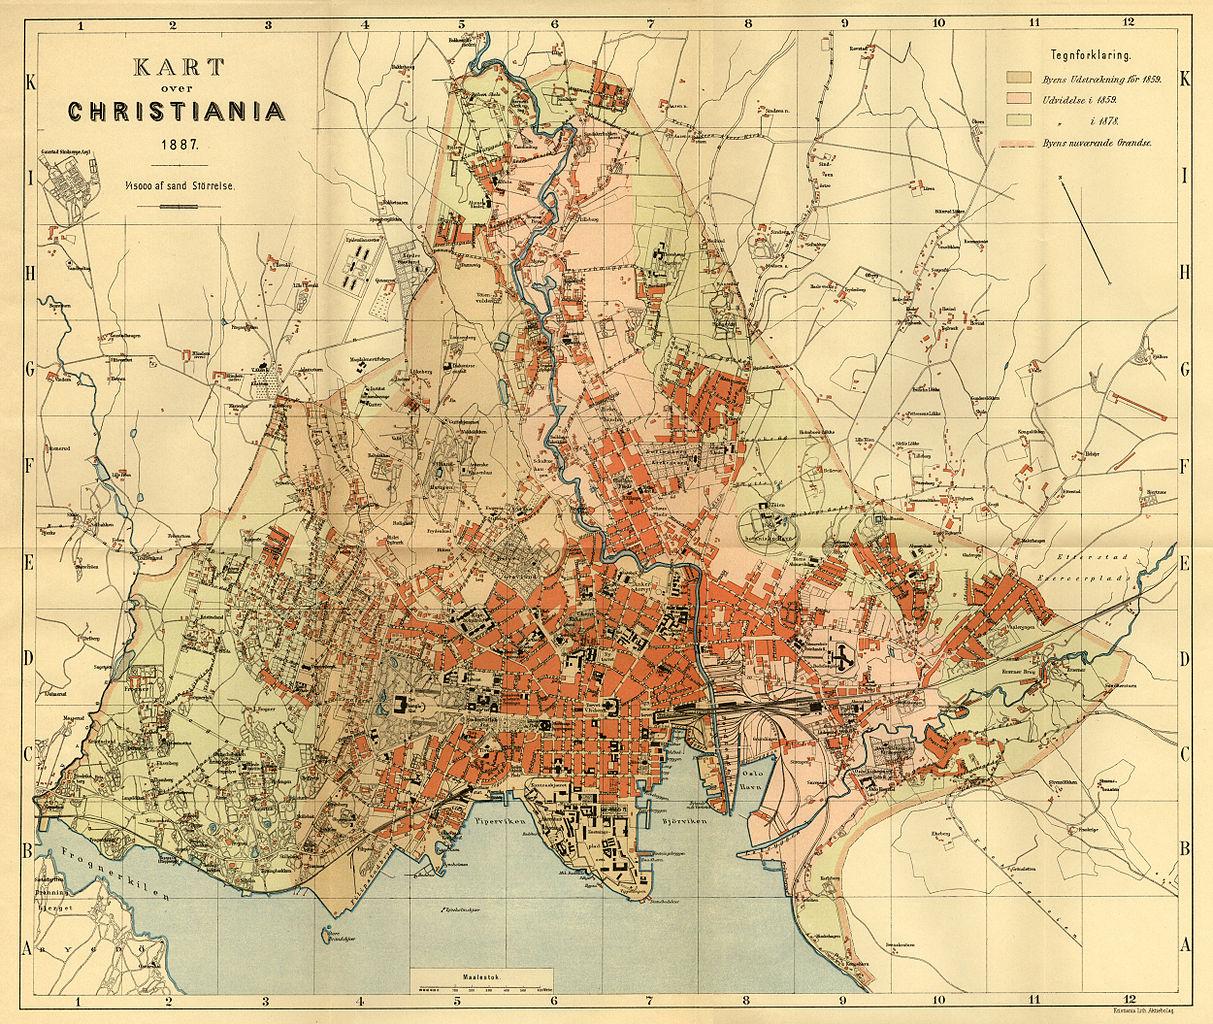 oslo byarkiv kart Fil:Oslo kommune byarkivet, oversiktskart 1887 300 hele.  oslo byarkiv kart